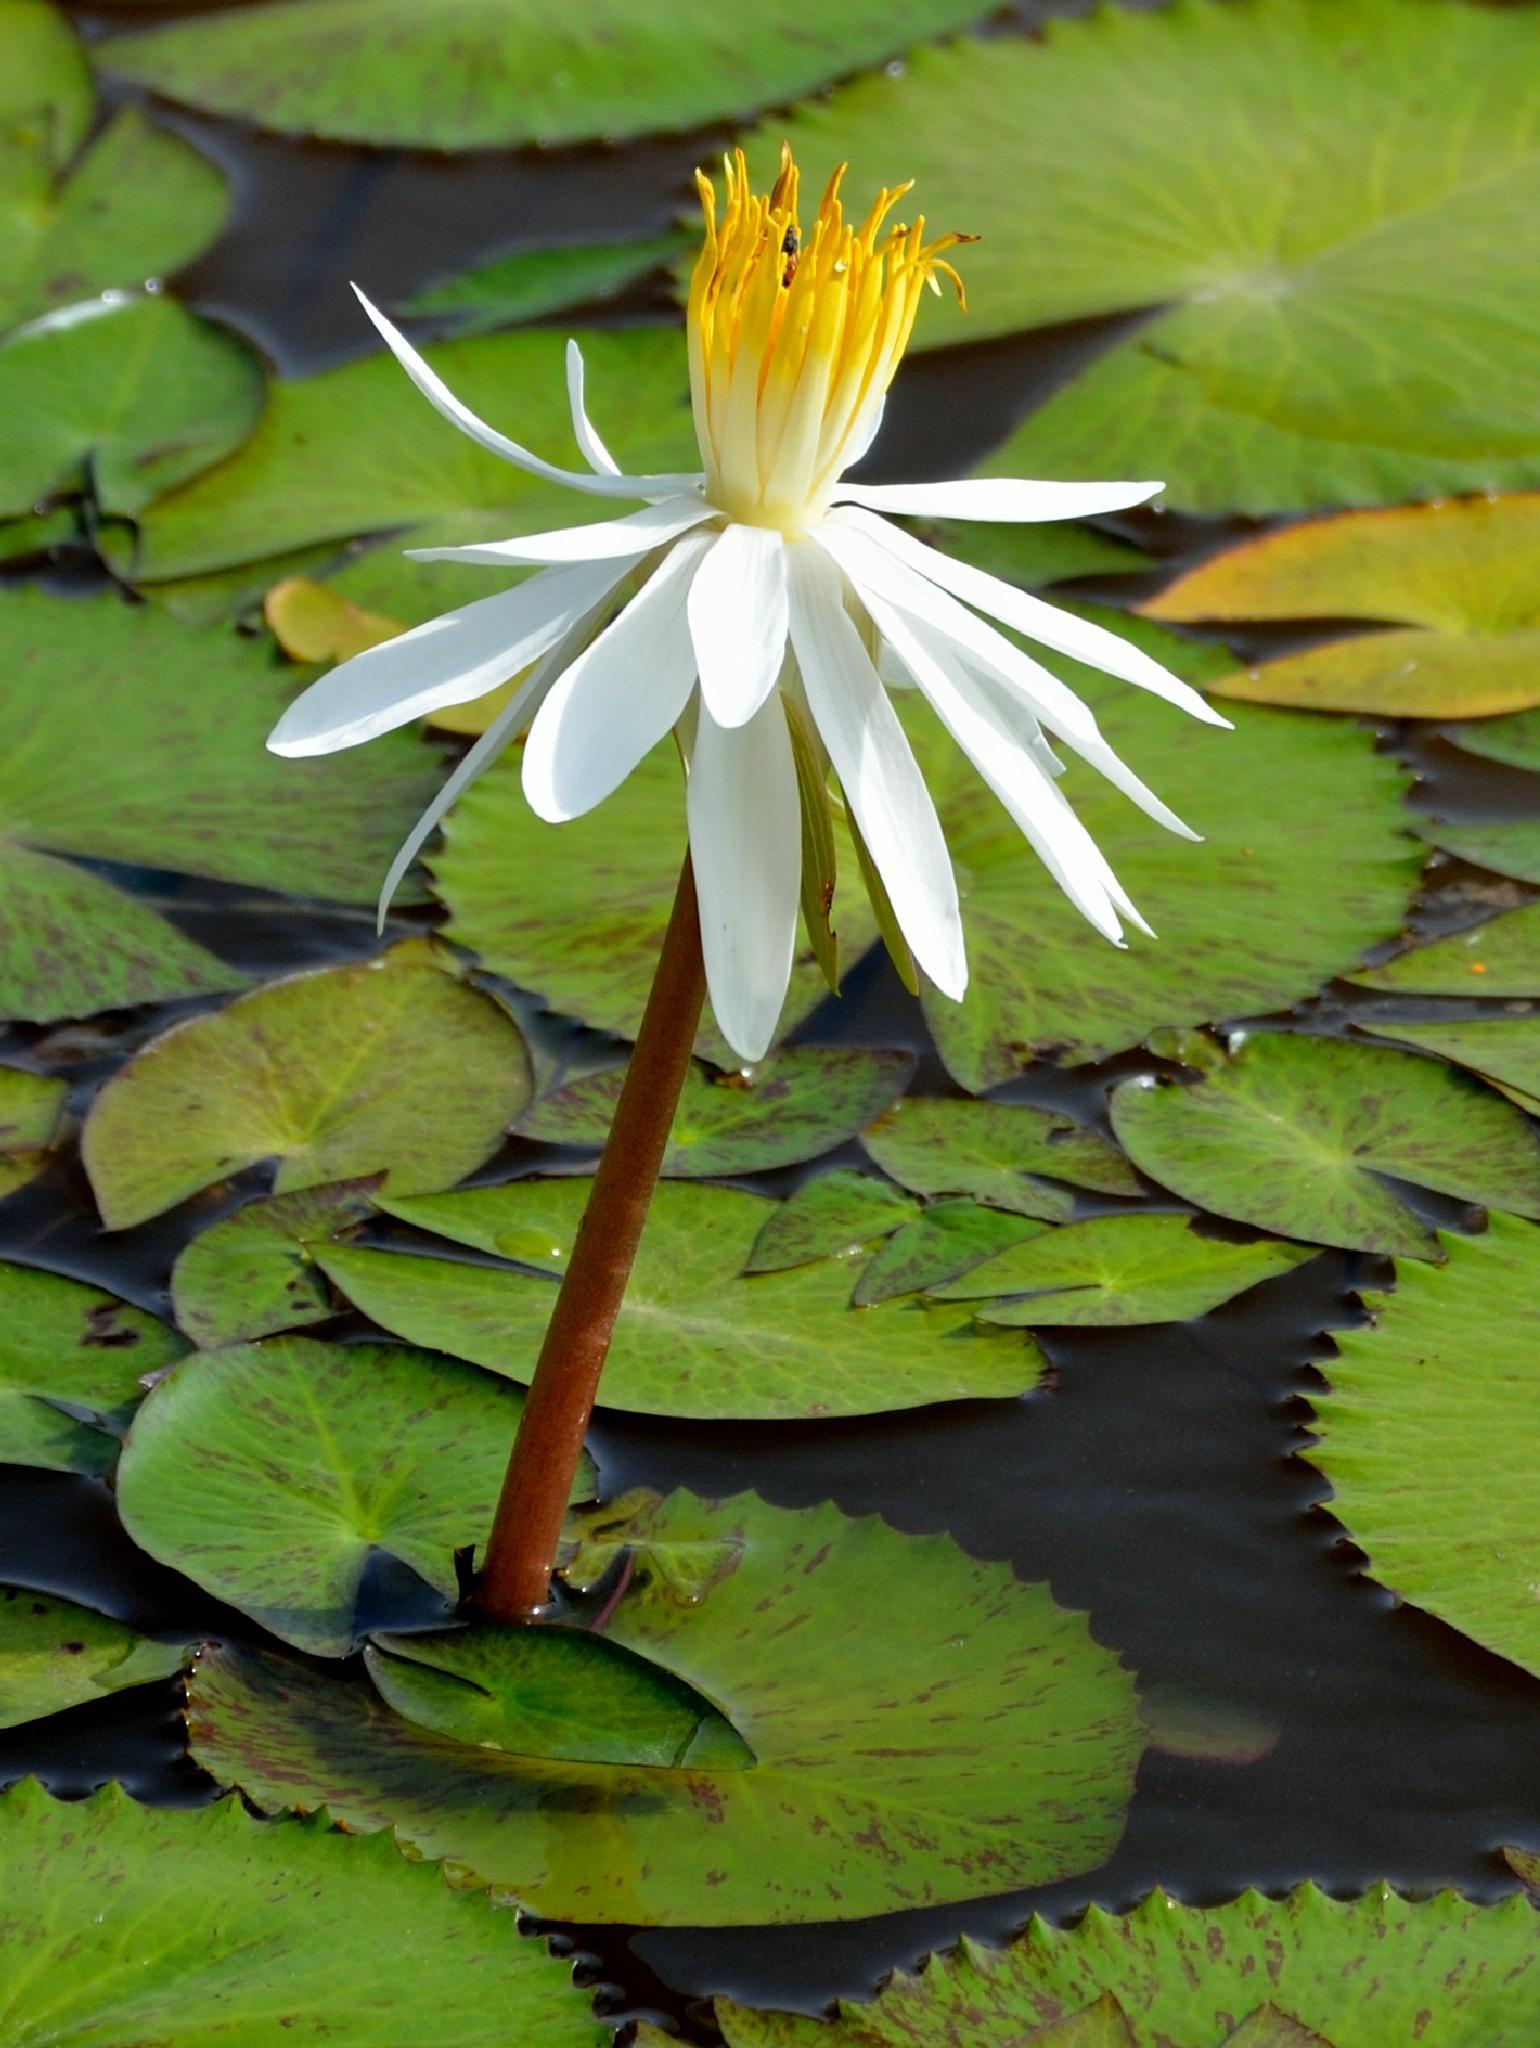 White lotus 2 by Sridhar R Setty